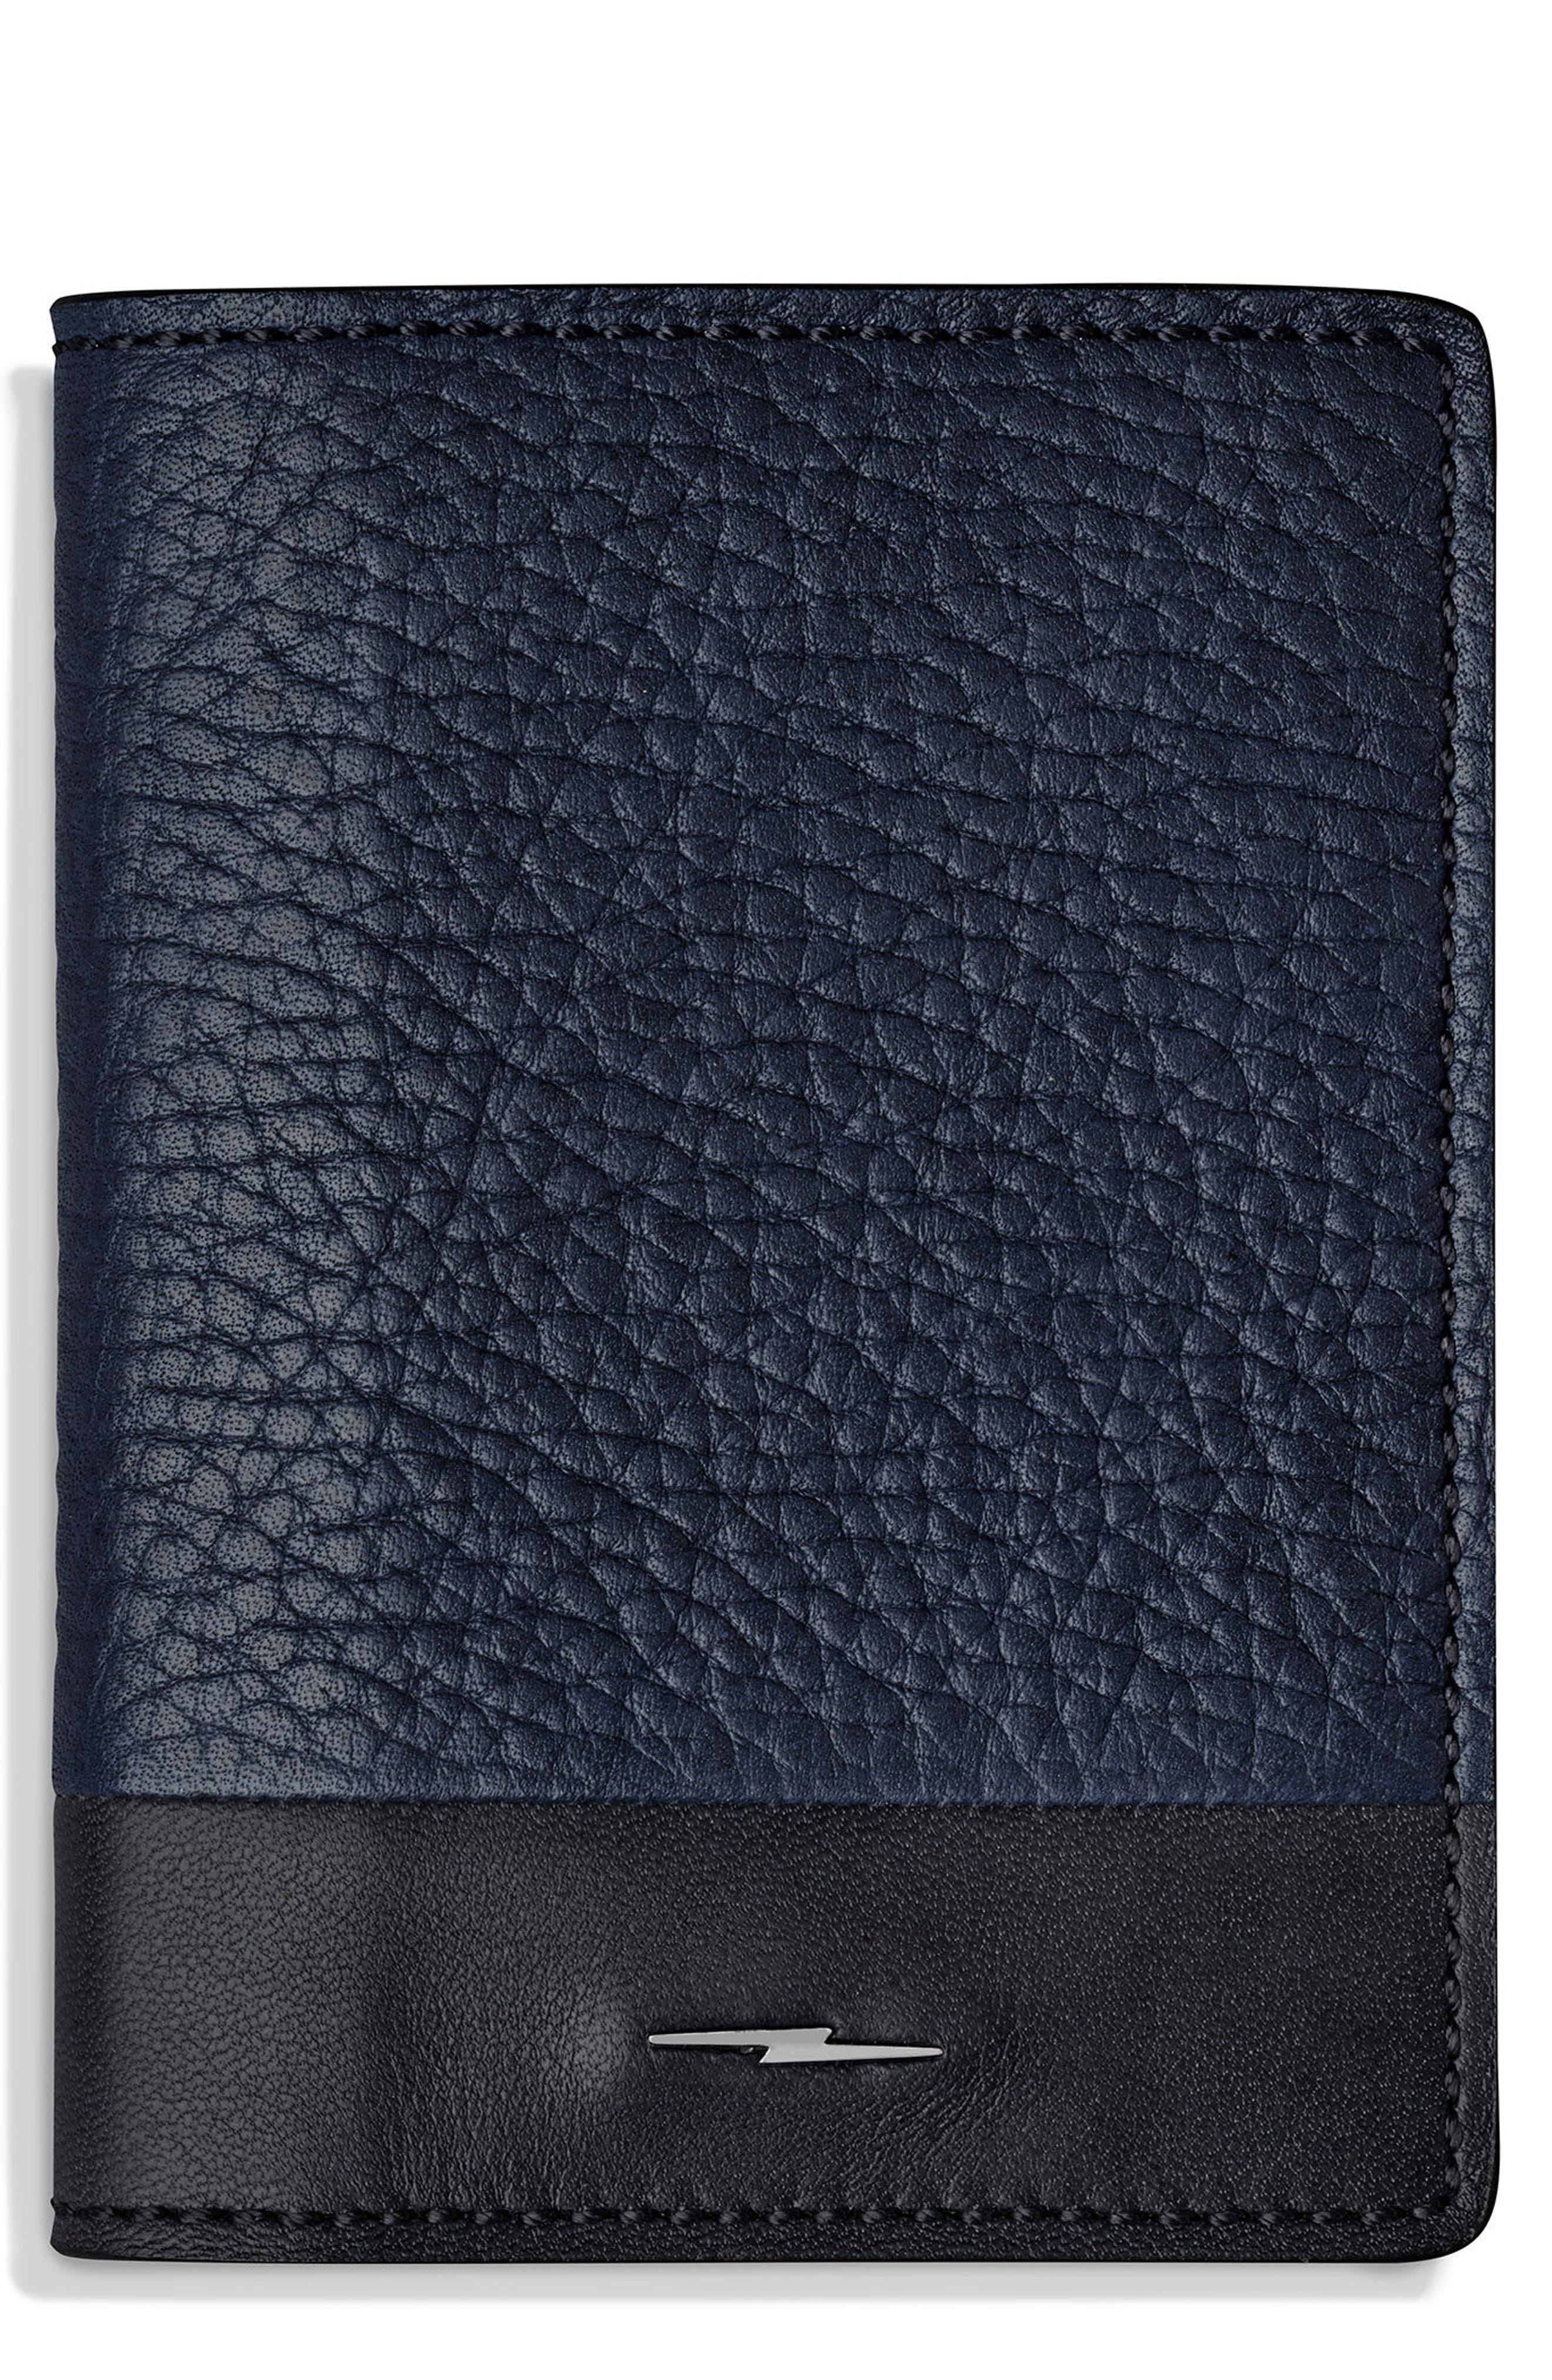 Main Image - Shinola Bold Card Case